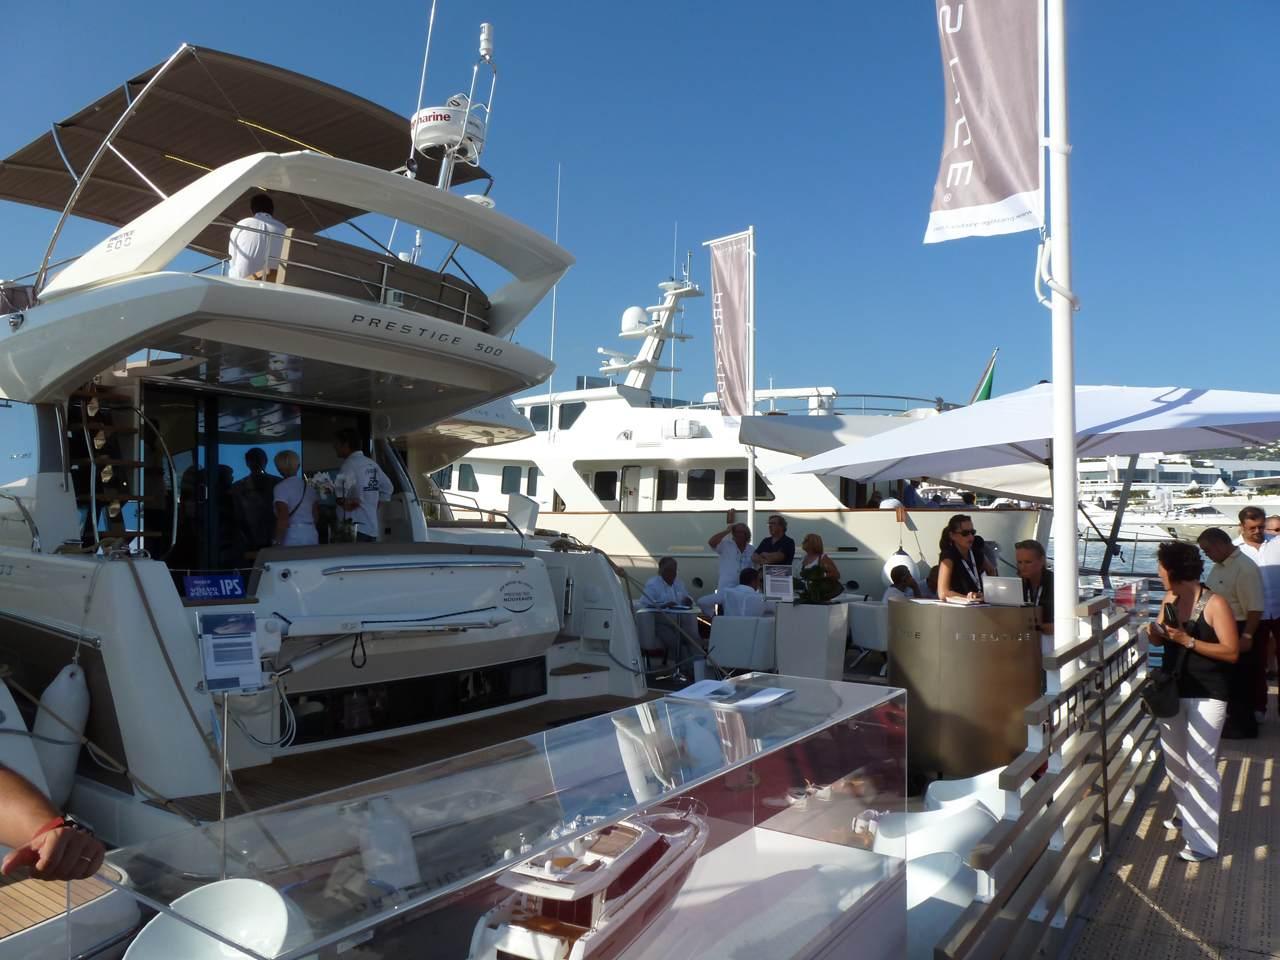 Prestige in Festival de la Plaisance in Cannes 4